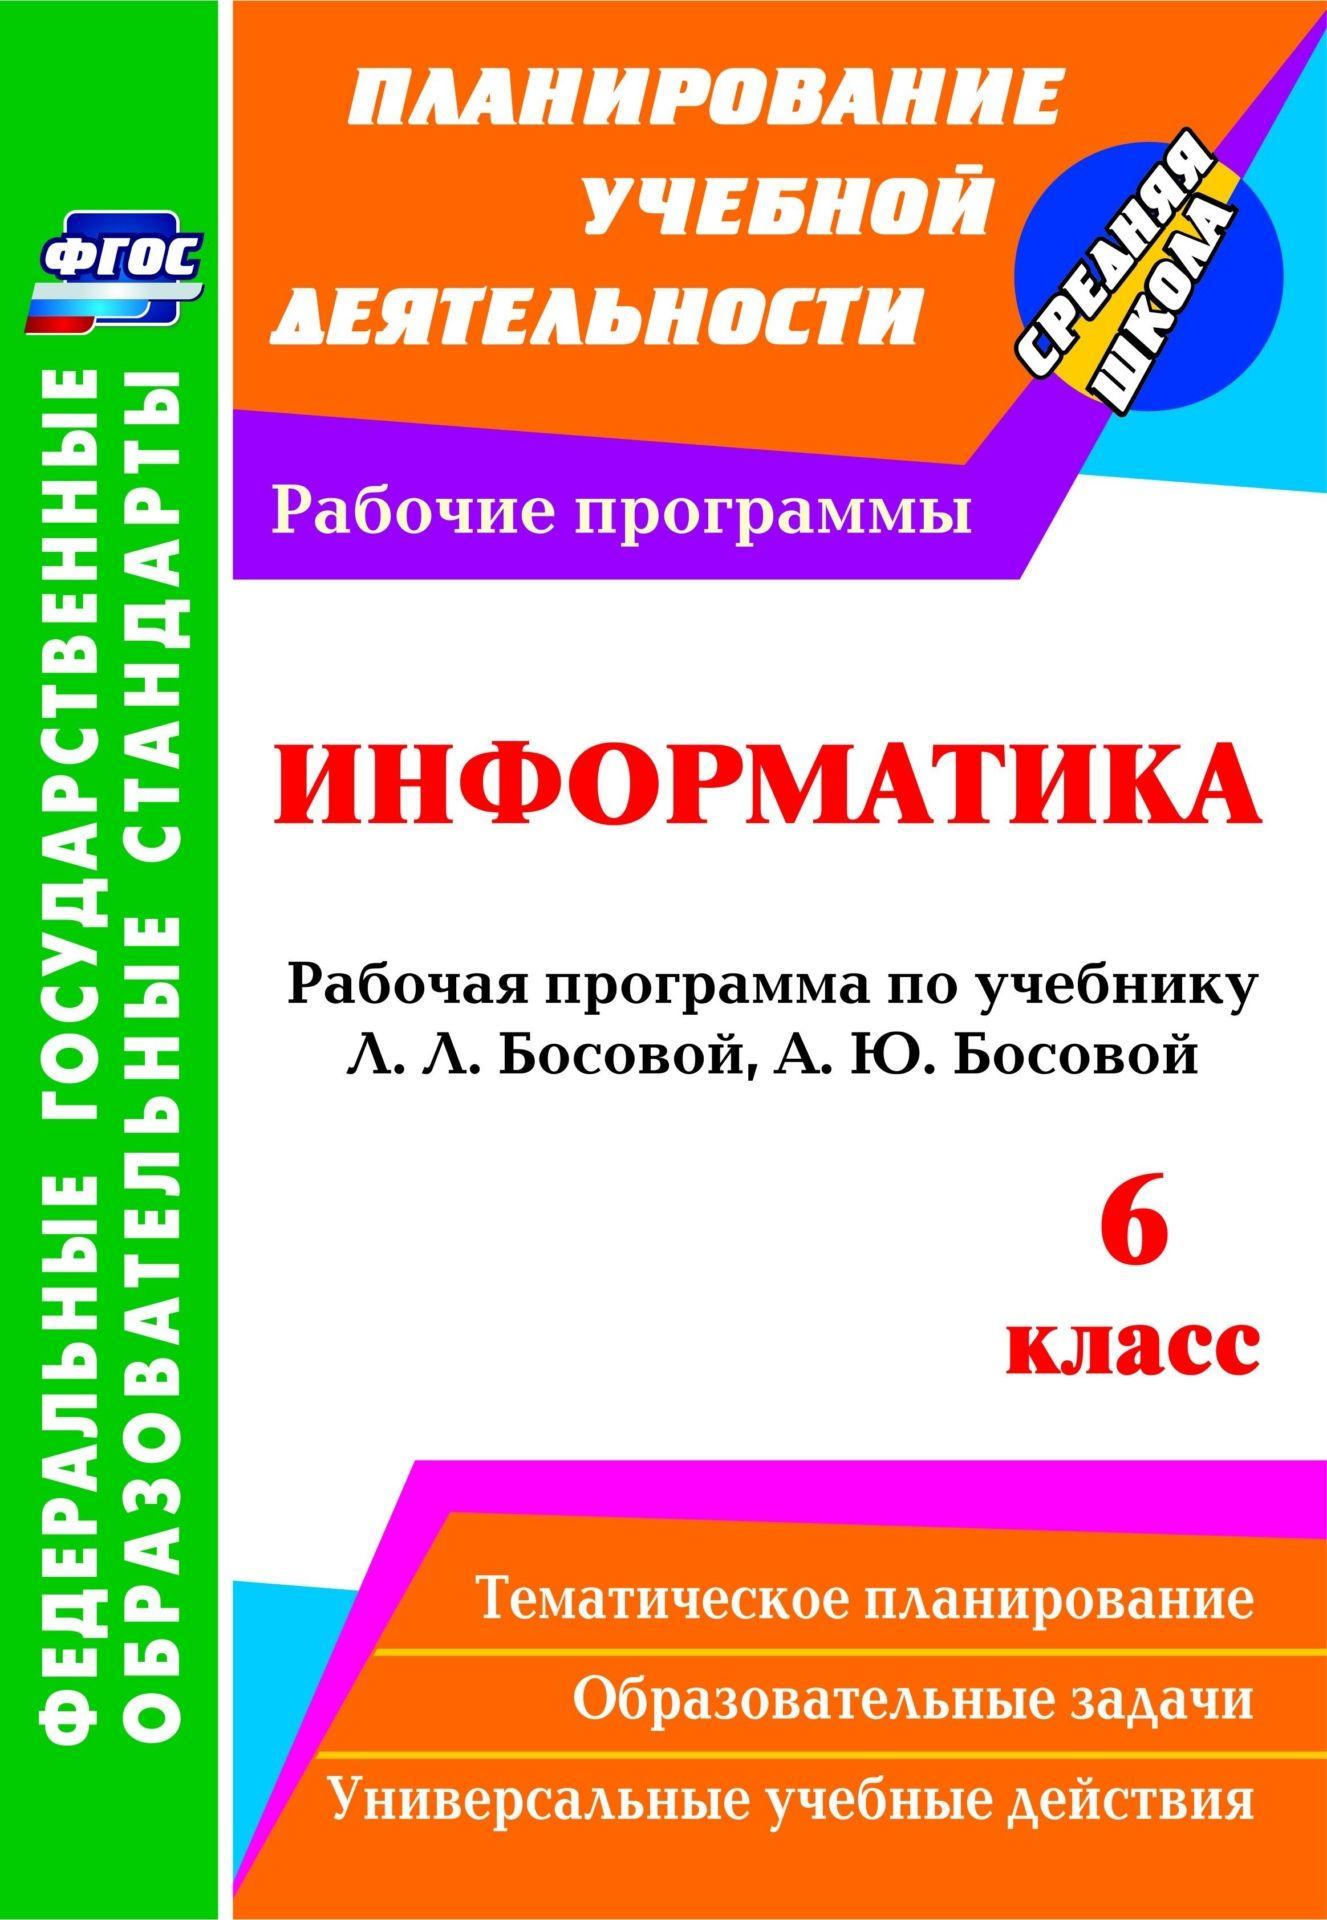 Информатика. 6 класс: рабочая программа по учебнику Л. Л. Босовой, А. Ю. Босовой. Программа для установки через Интернет